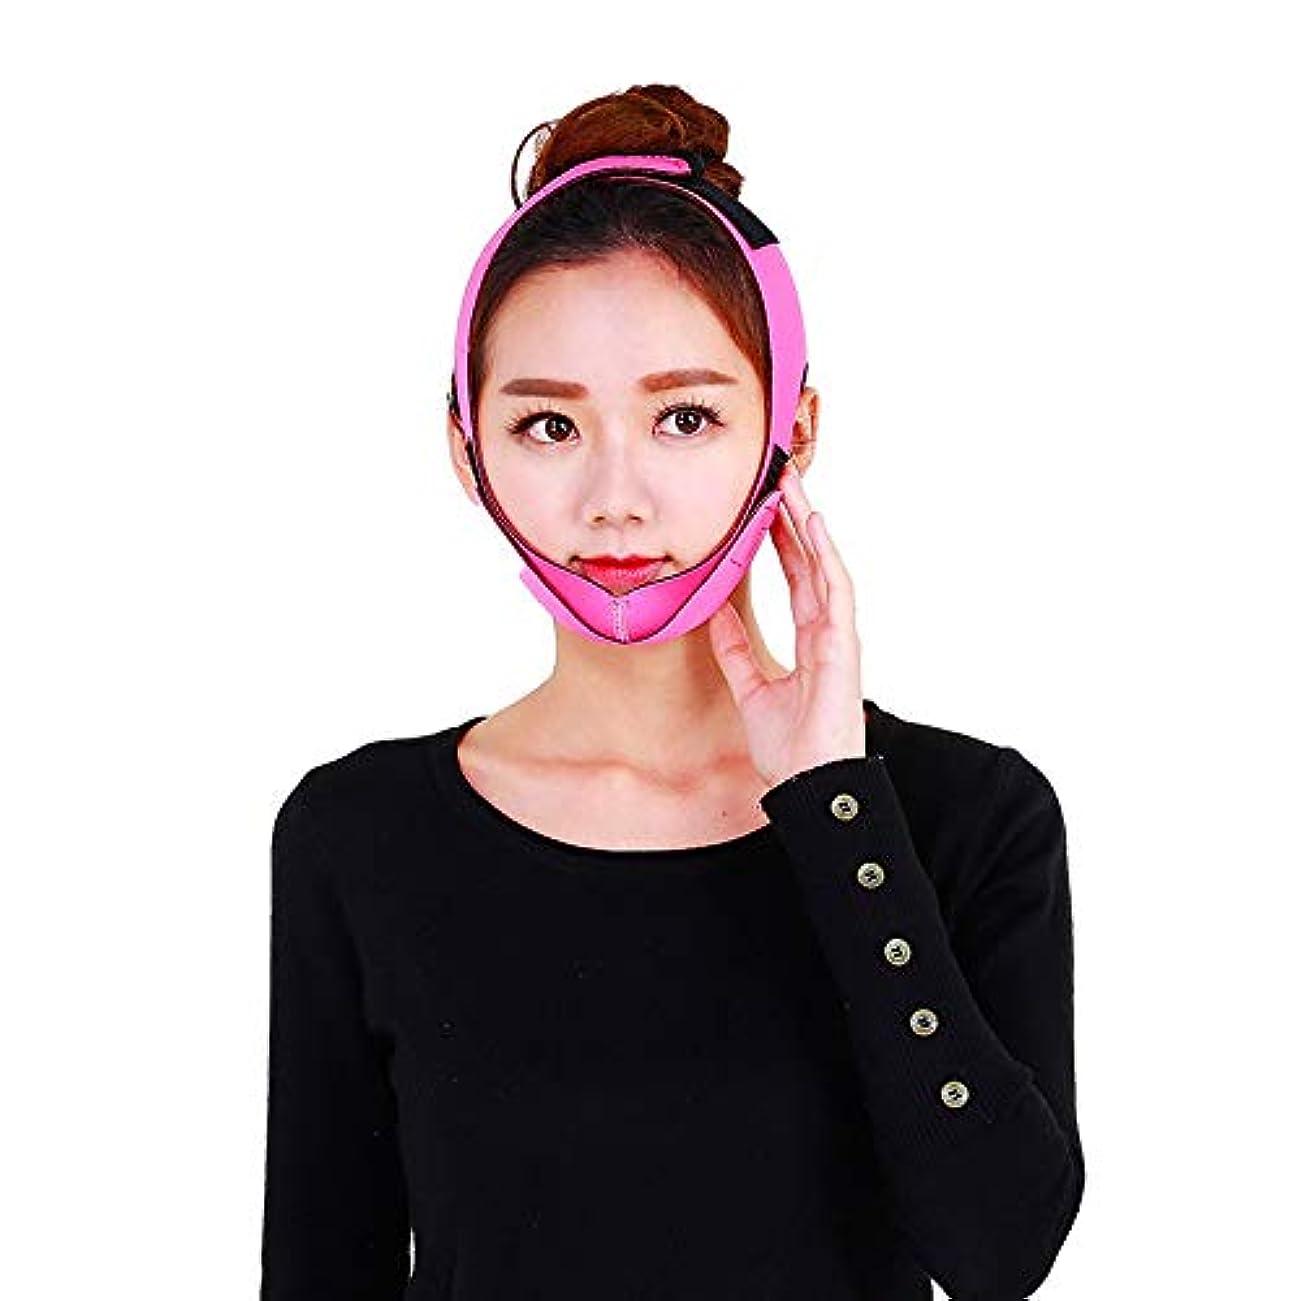 事業内容乱れ賞賛Jia Jia- 顔の持ち上がる痩身ベルト - 薄い顔包帯二重あごのデバイス無料の顔のマッサージ整形マスクが顔と首を締めます 顔面包帯